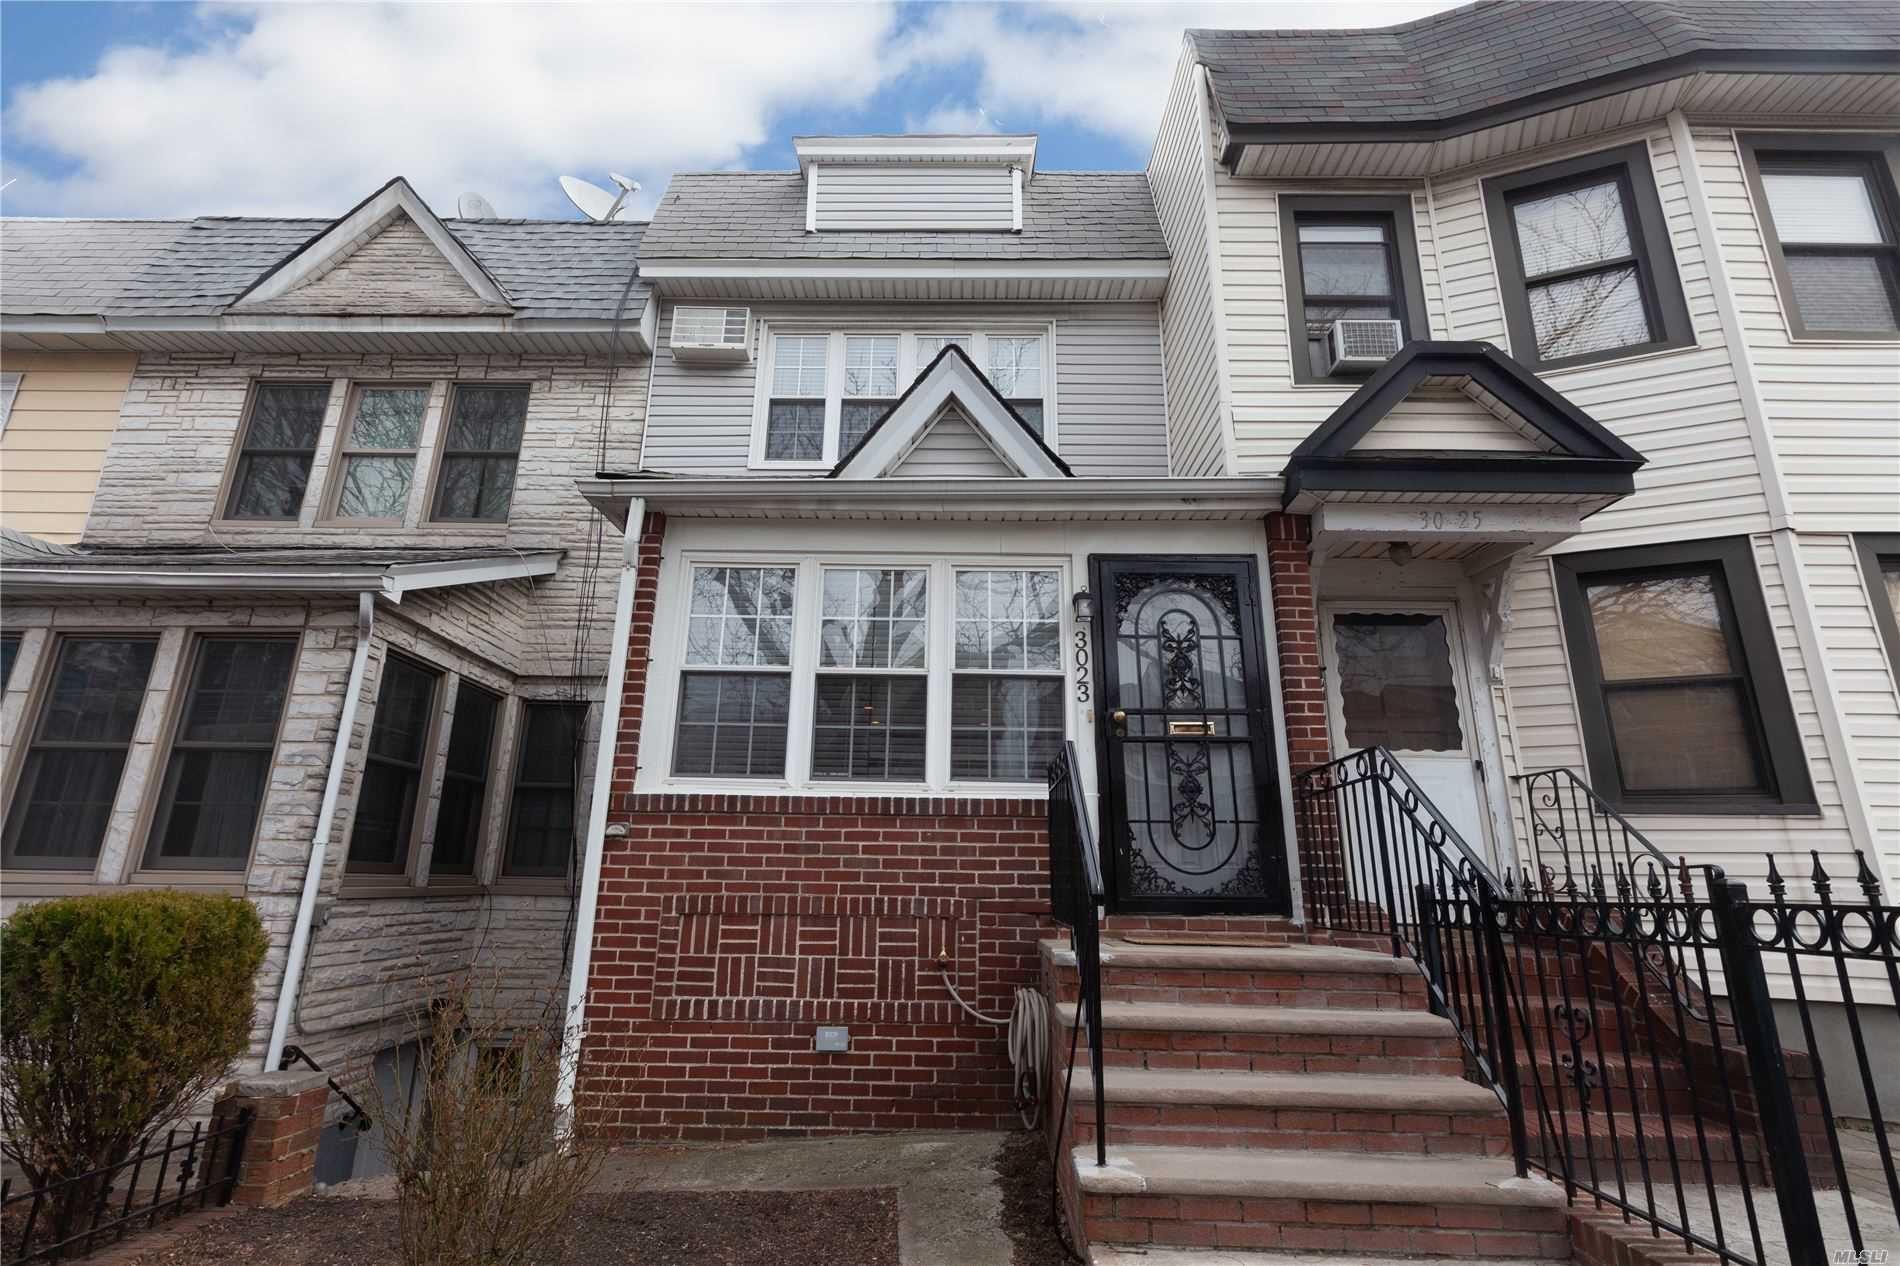 30-23 92nd Street, E. Elmhurst, NY 11369 - MLS#: 3202536